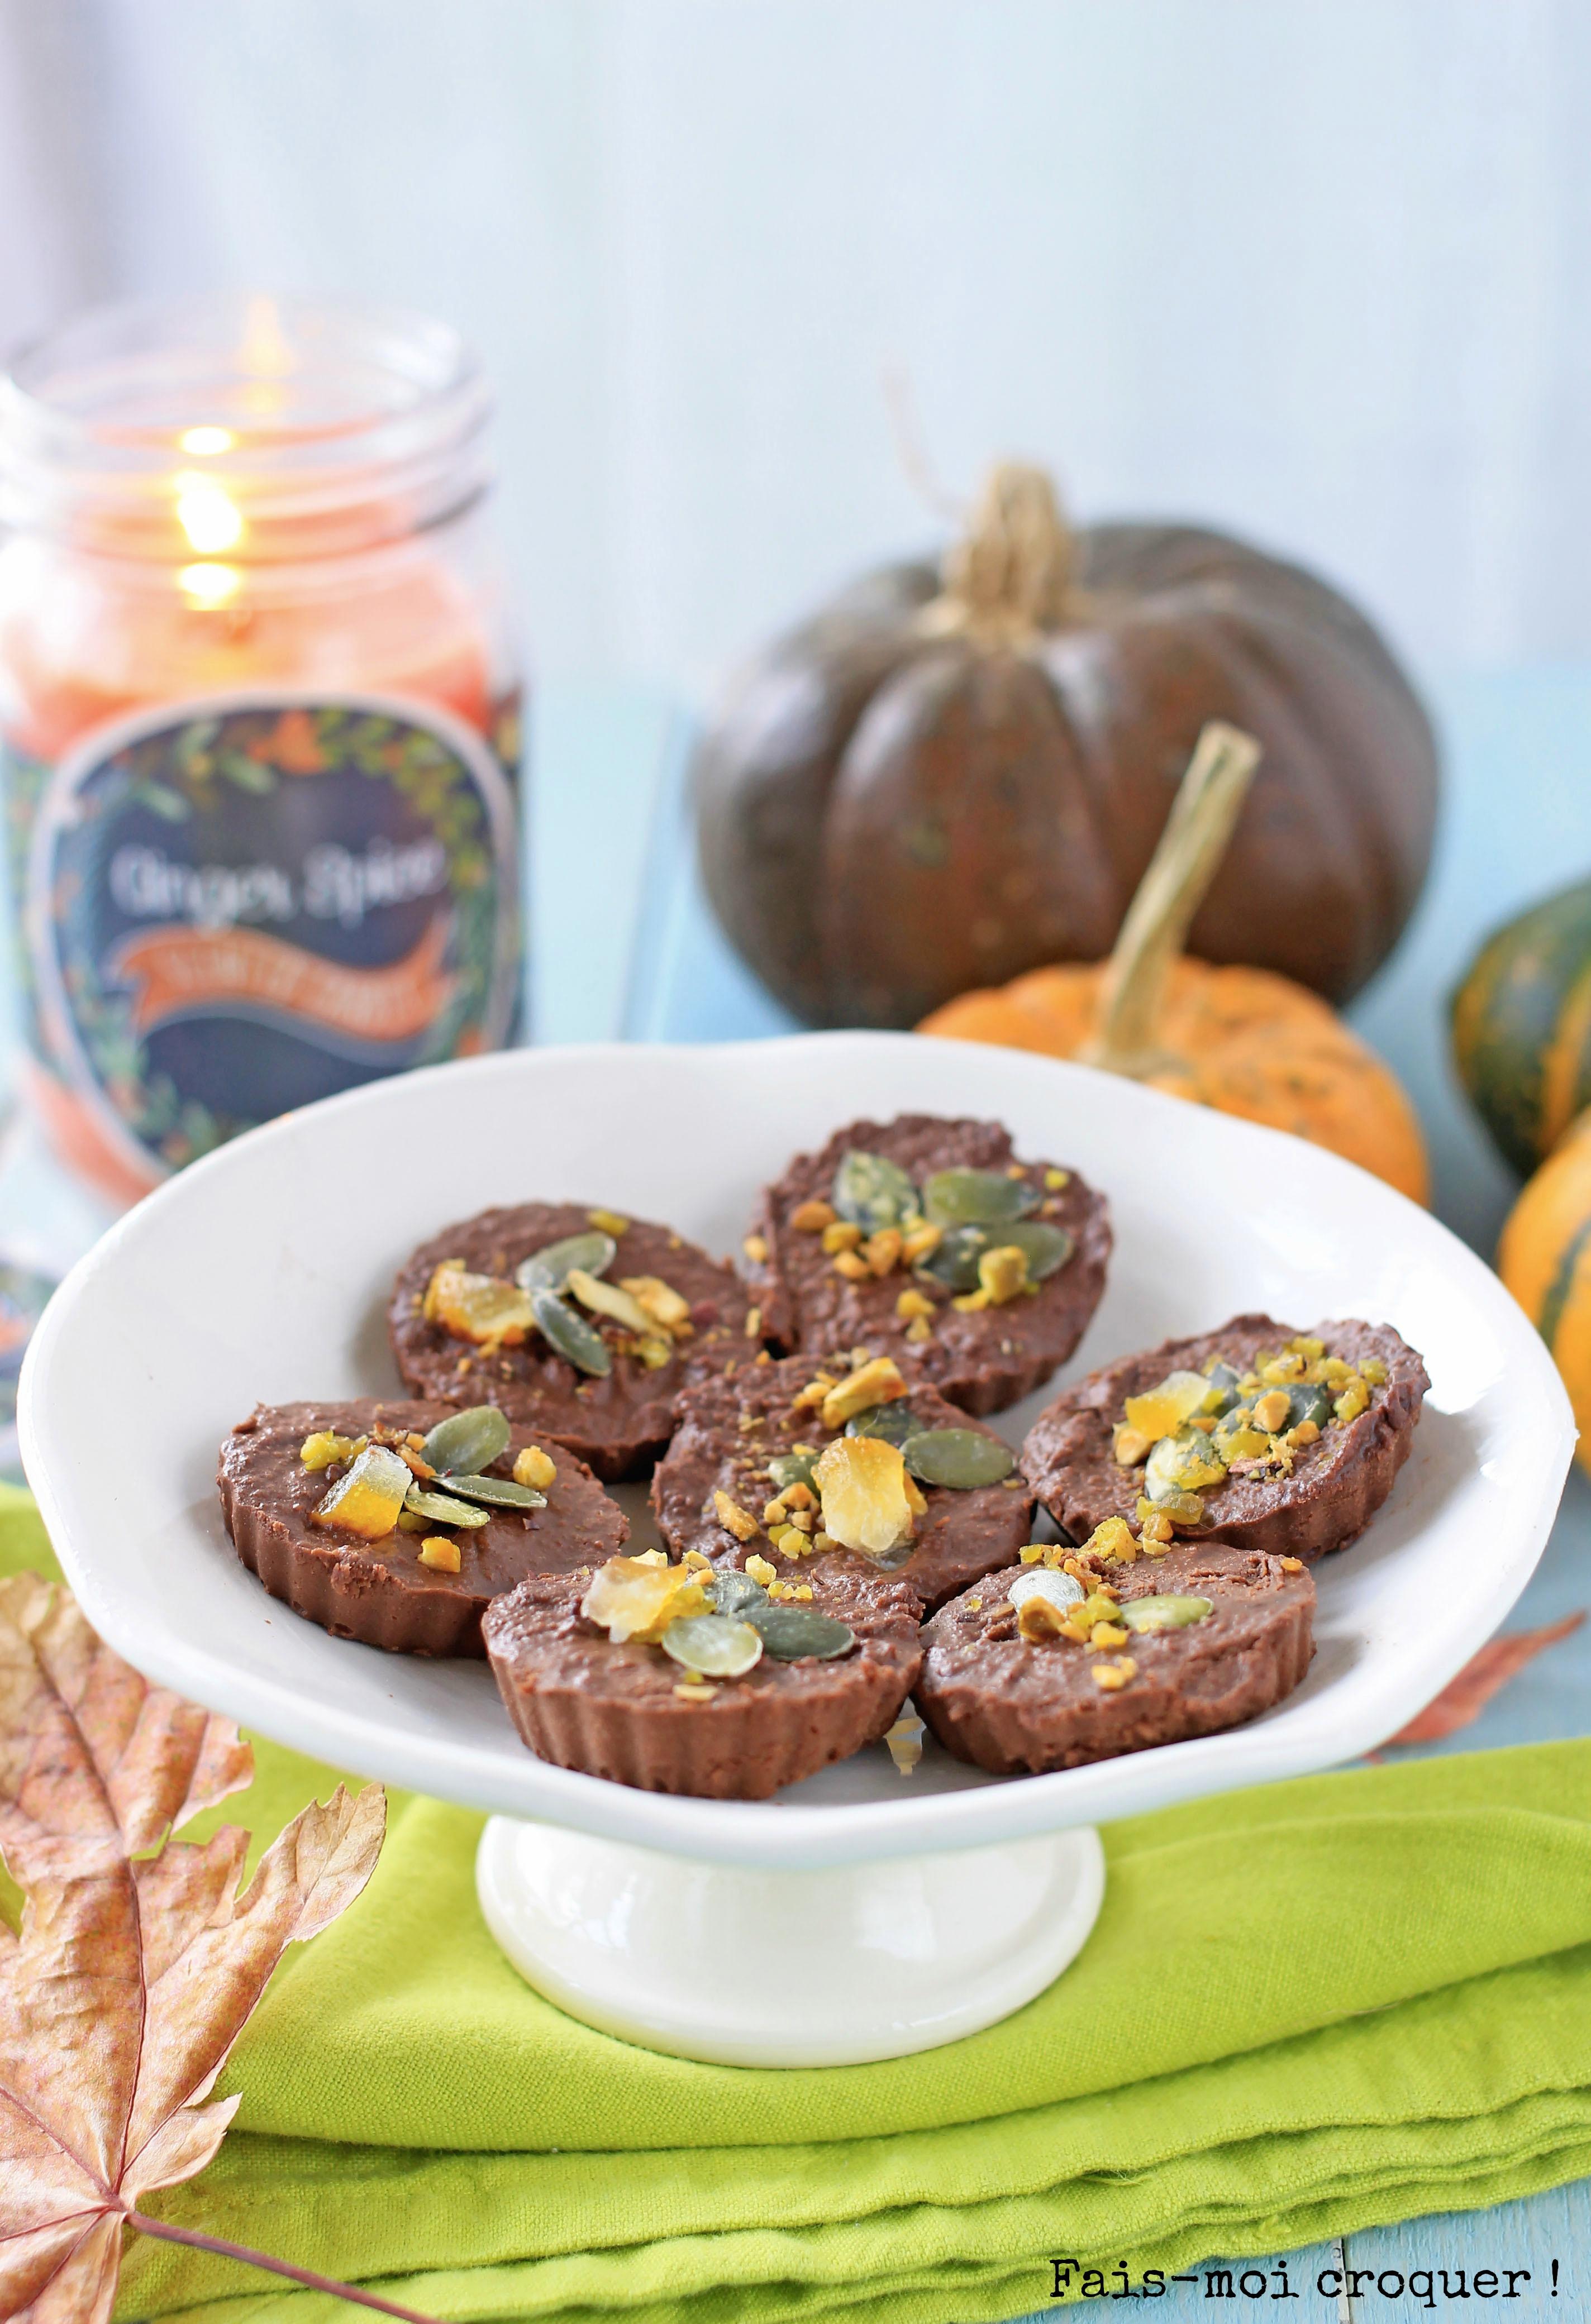 Chocolat vegan au potiron Bataille Food 28